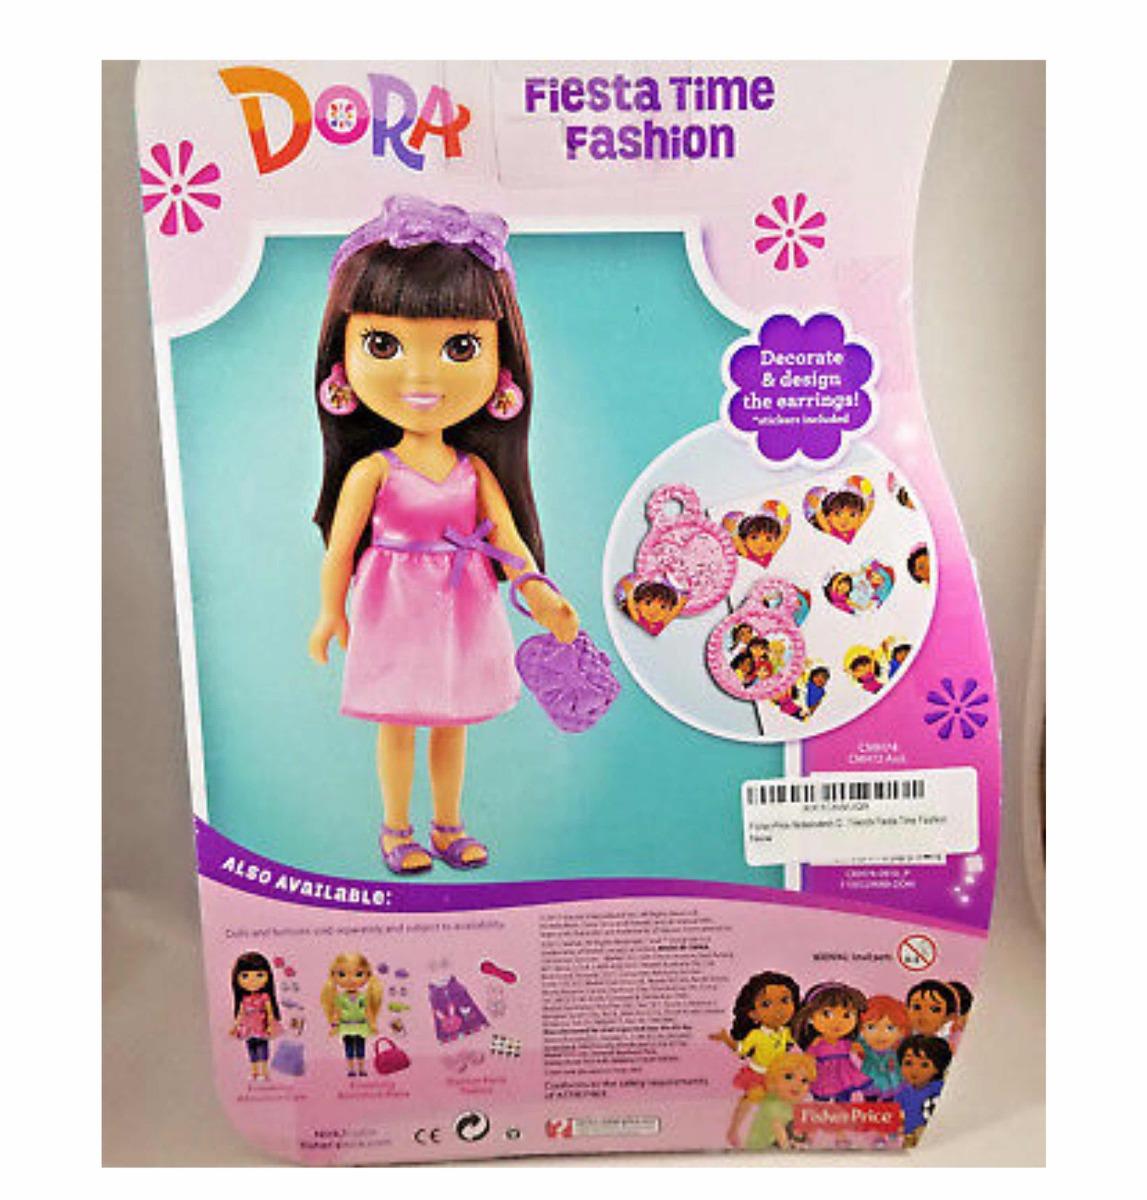 Asombroso Vestido De Fiesta Dora Molde - Colección del Vestido de la ...